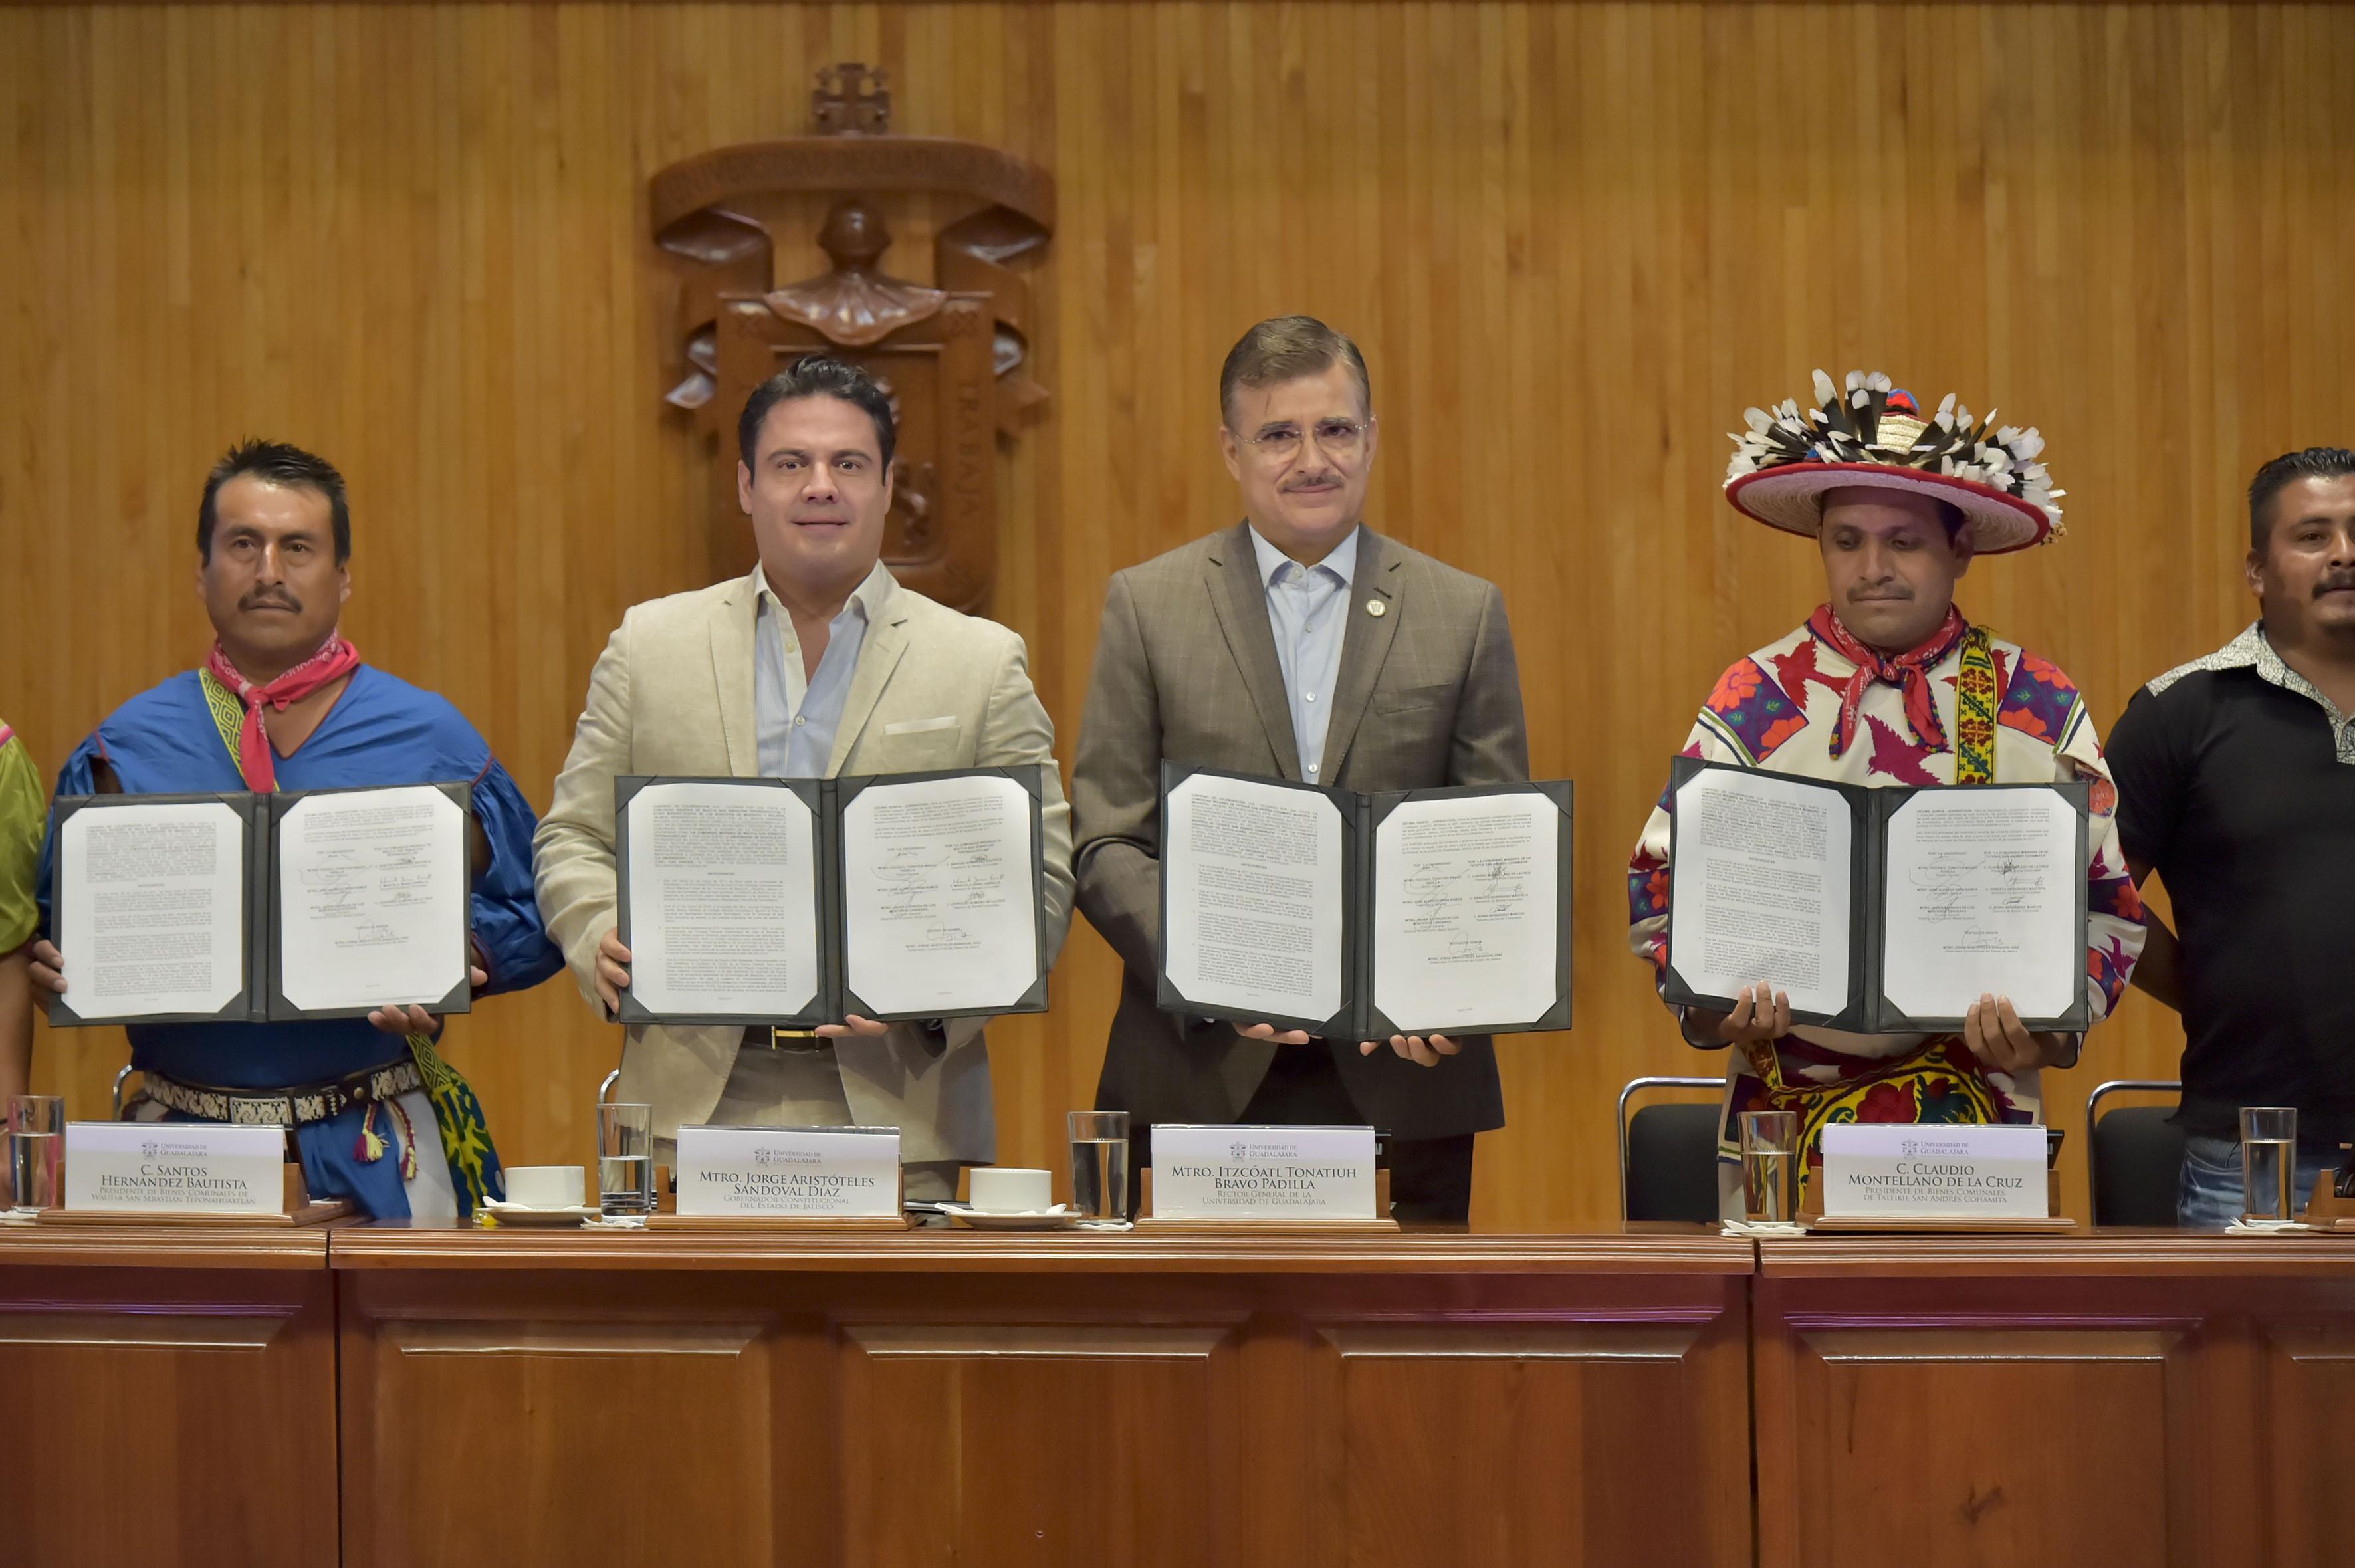 Rector General de la UdeG, maestro Itzcóatl Tonatiuh Bravo Padilla y Gobernador de Jalisco, maestro Jorge Aristóteles Sandoval Díaz con representantes de comunidades Wixaritari